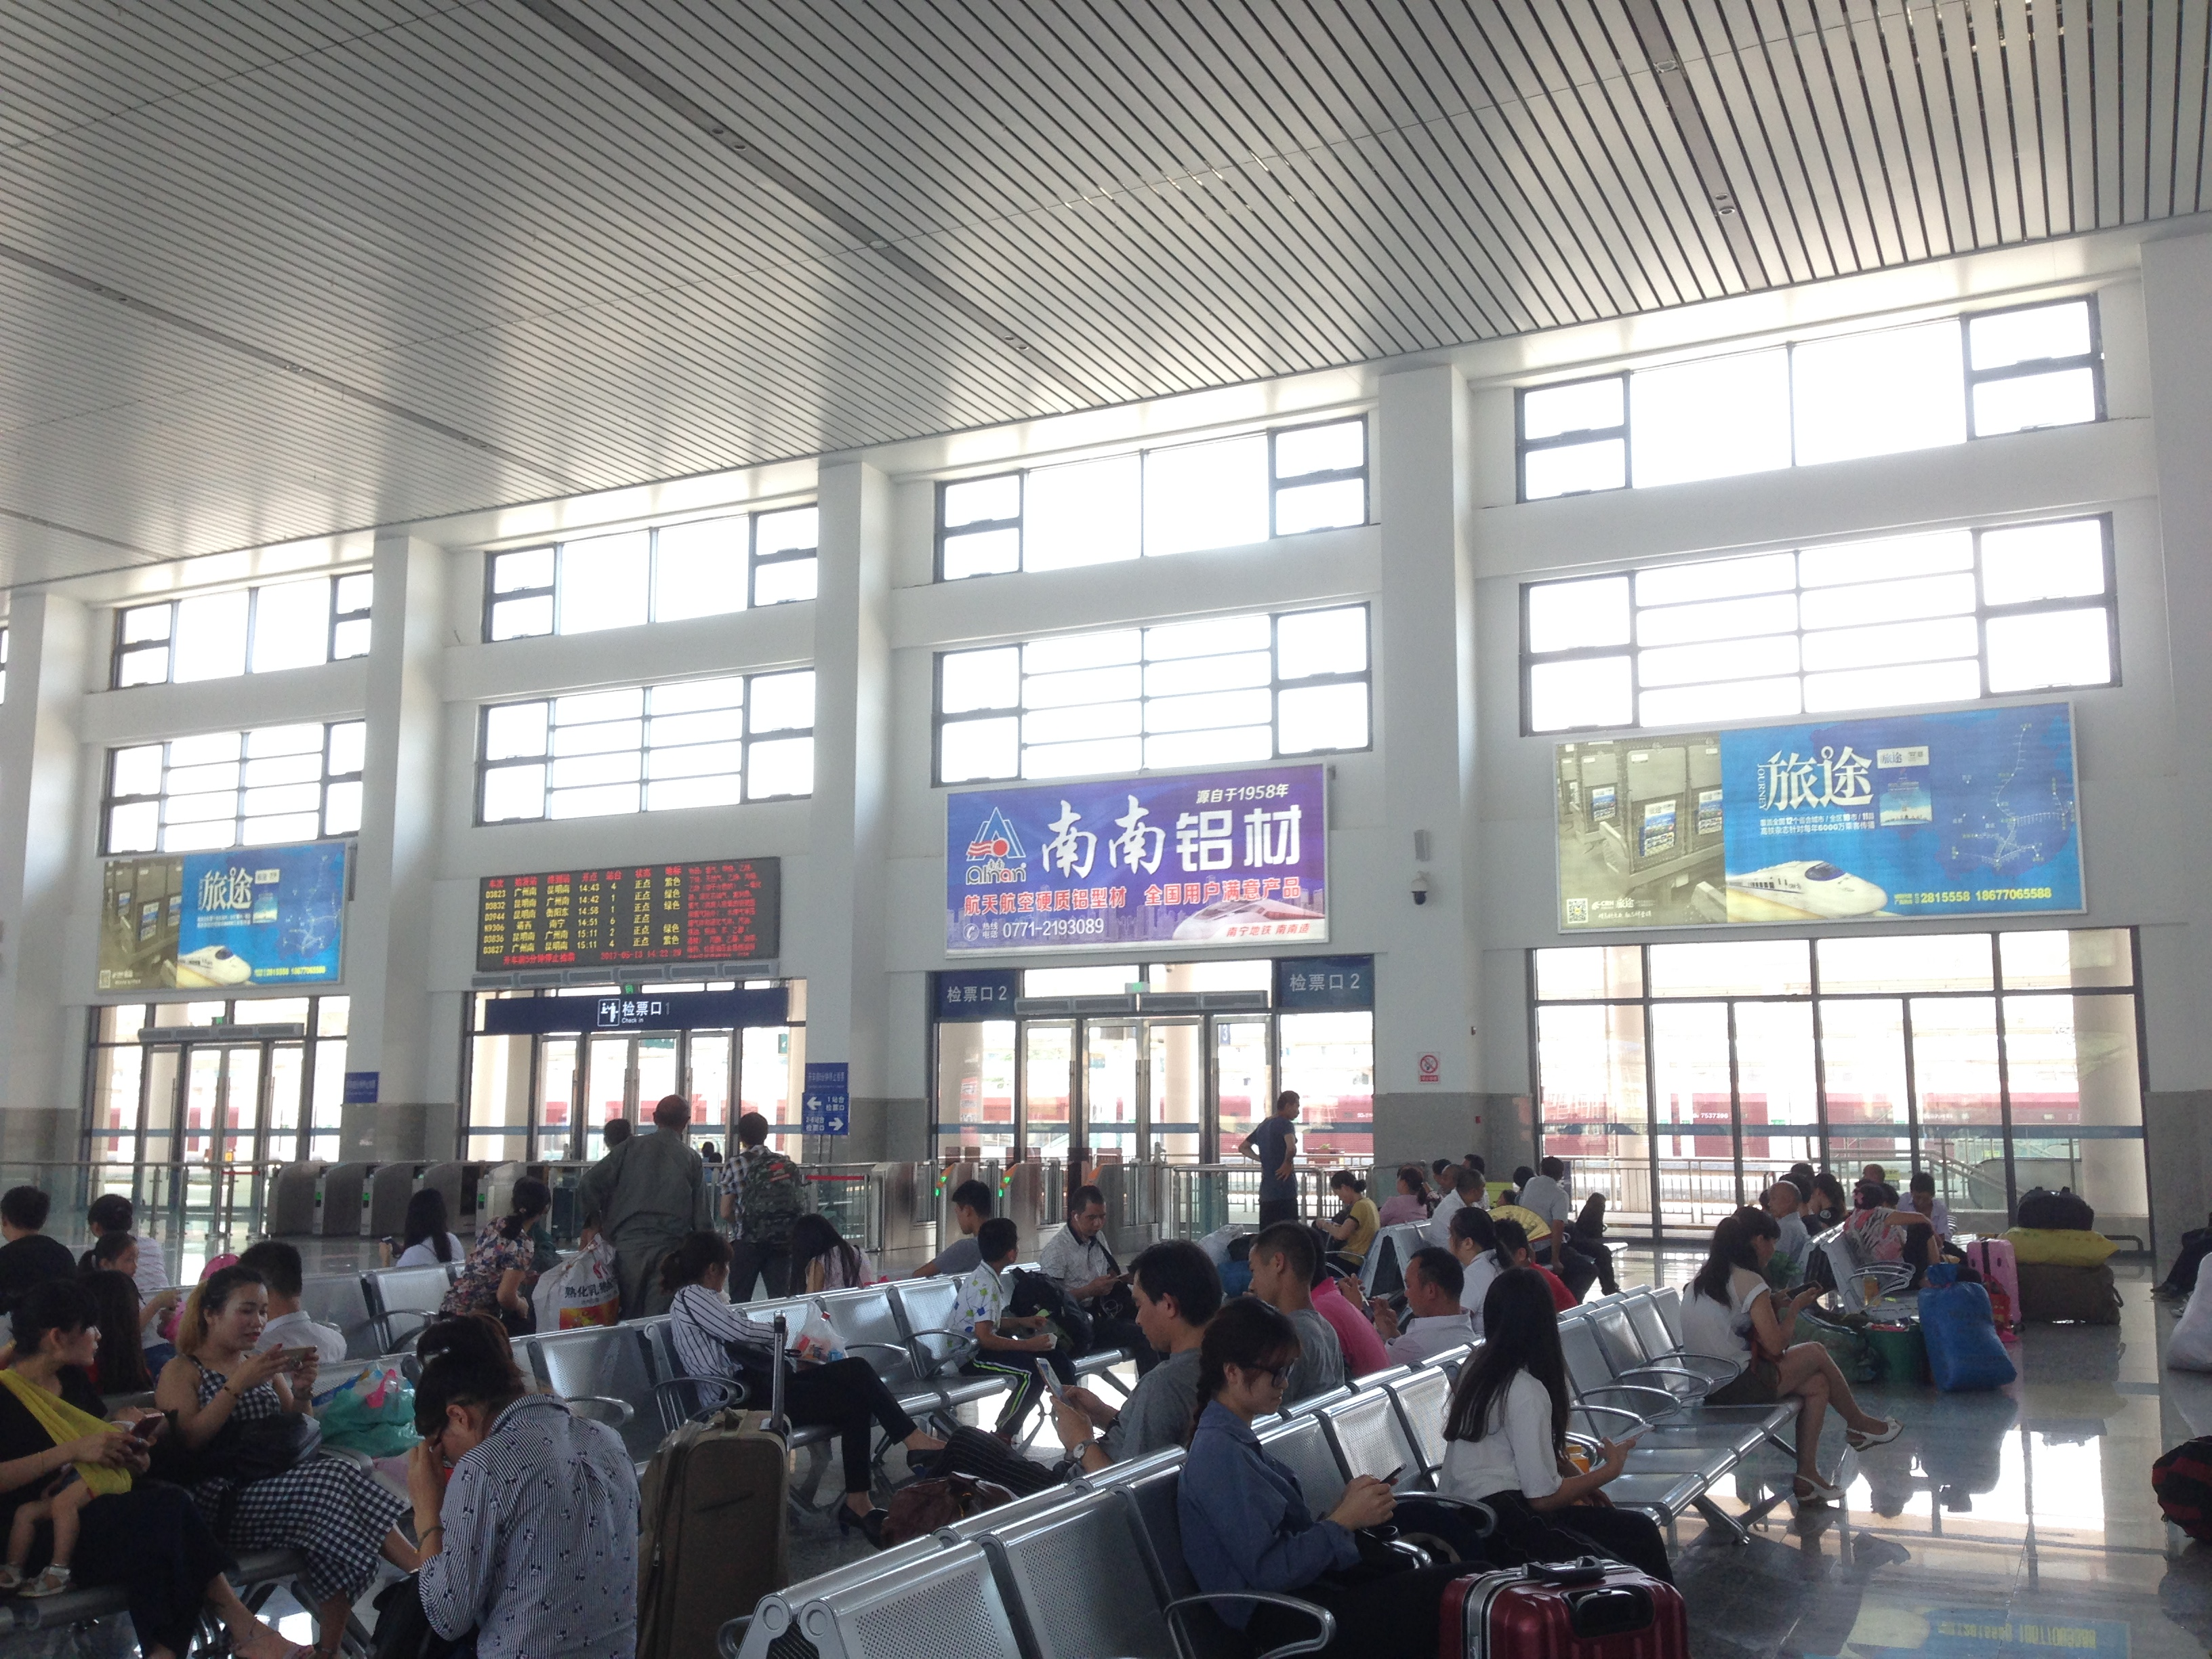 广西平果站火车站高铁站候车大厅灯箱媒体广告位